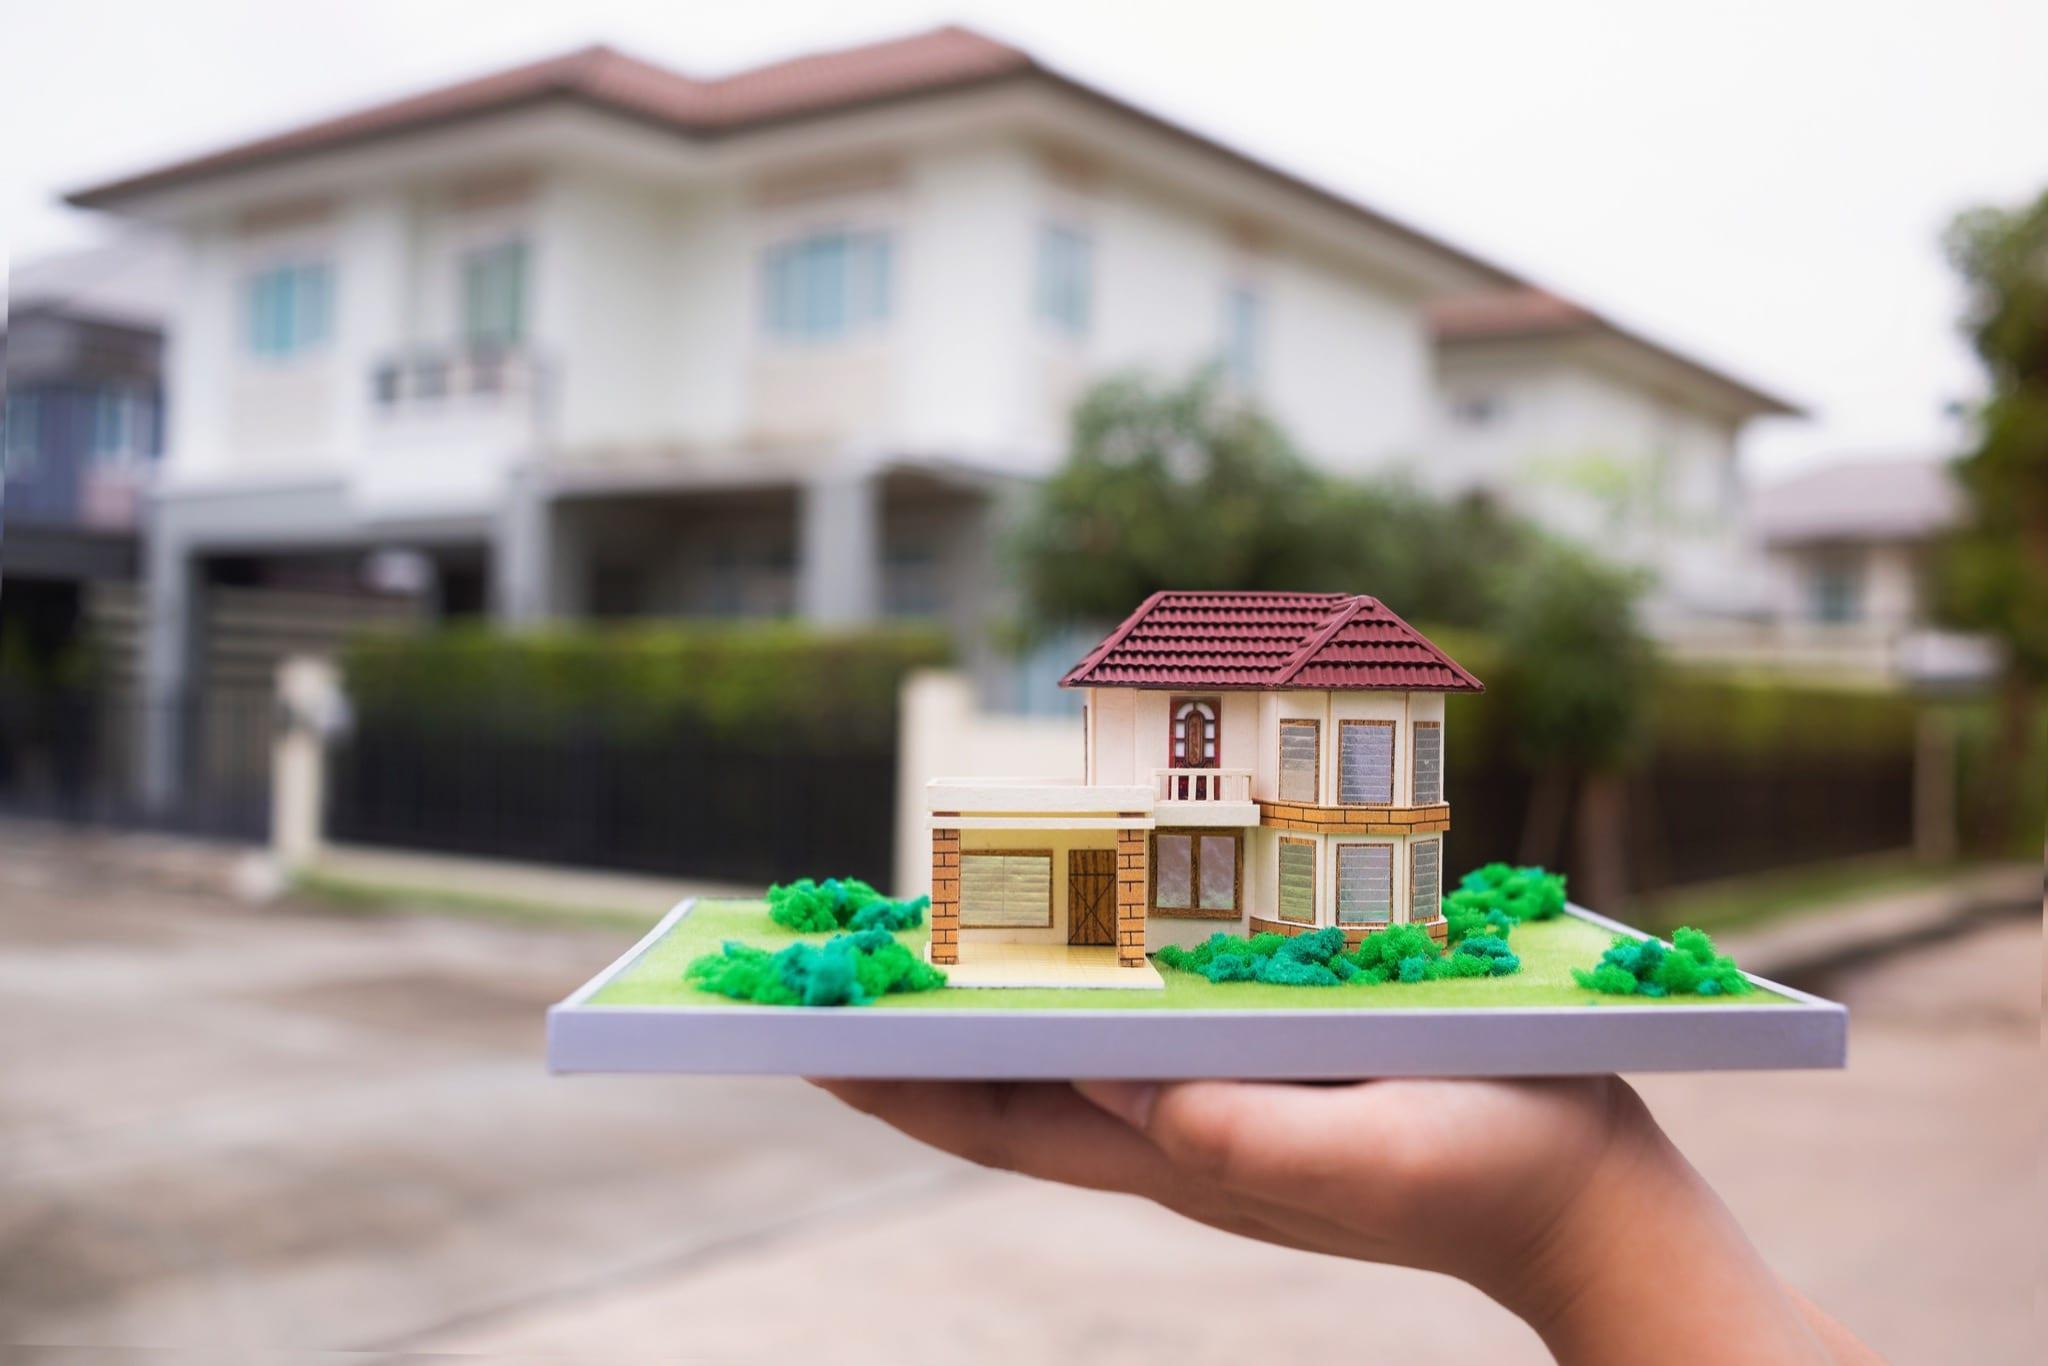 181 copy - Analiză Real Estate Magazine: Cei mai importanți dezvoltatori rezidențiali din România, în plin avânt